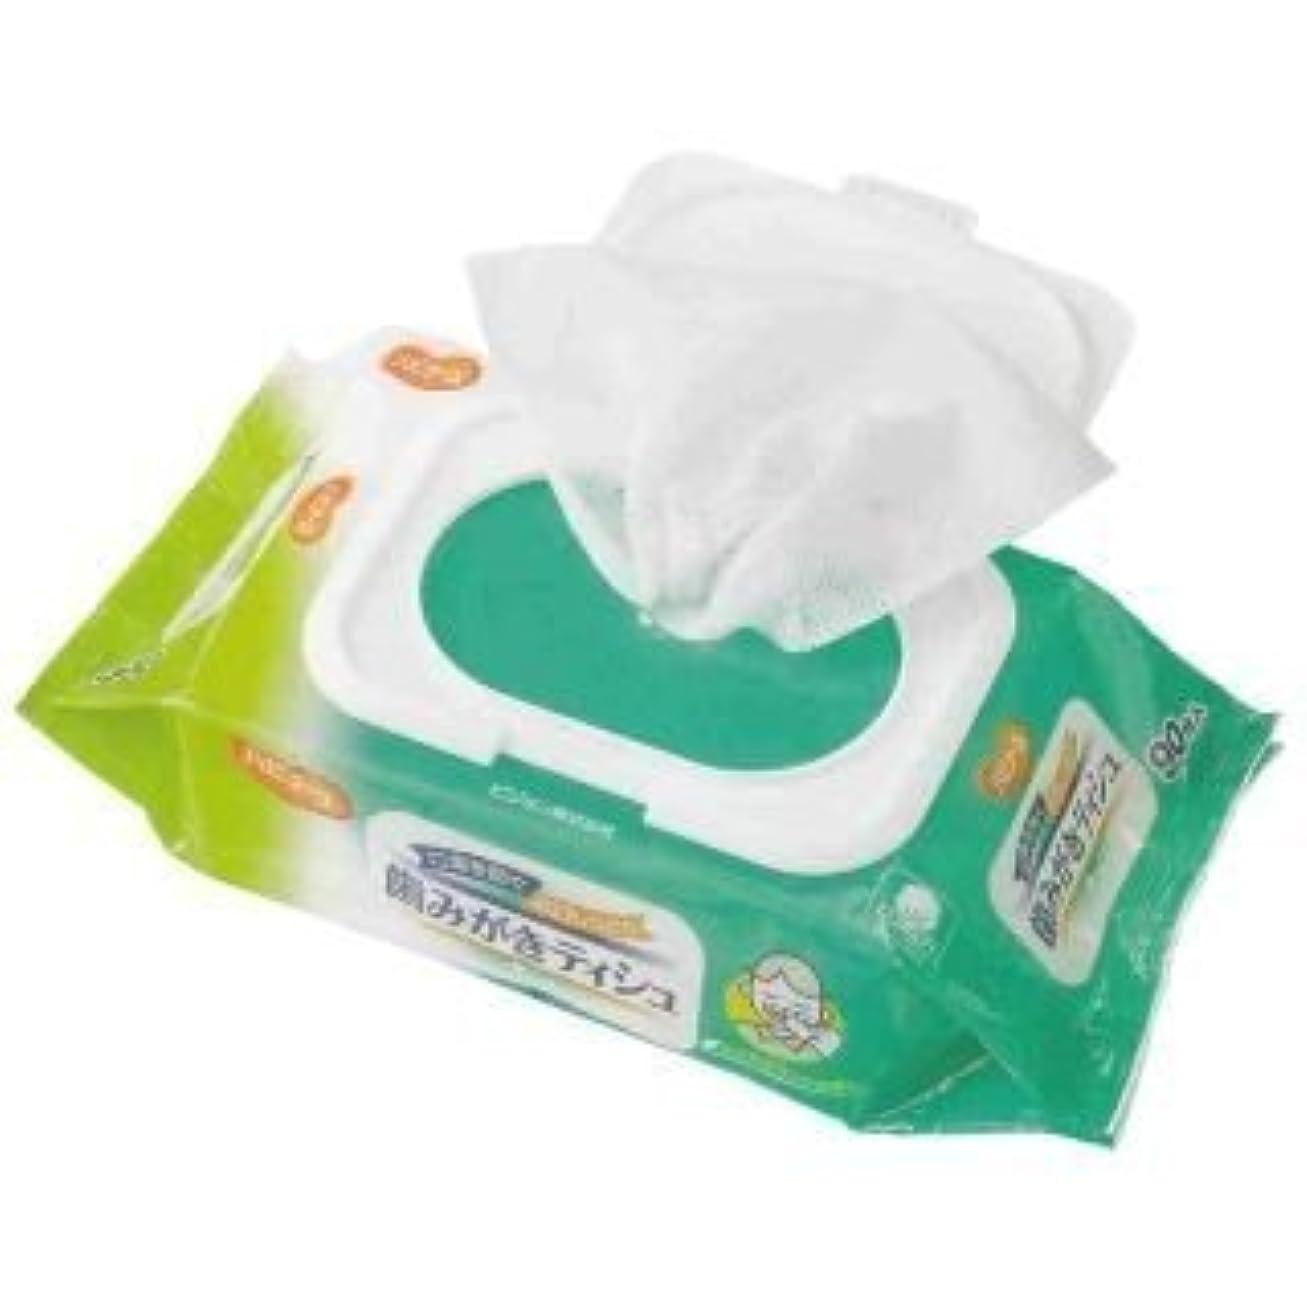 微生物極端な効能口臭を防ぐ&お口しっとり!ふきとりやすいコットンメッシュシート!お口が乾燥して、お口の臭いが気になるときに!歯みがきティシュ 90枚入【3個セット】